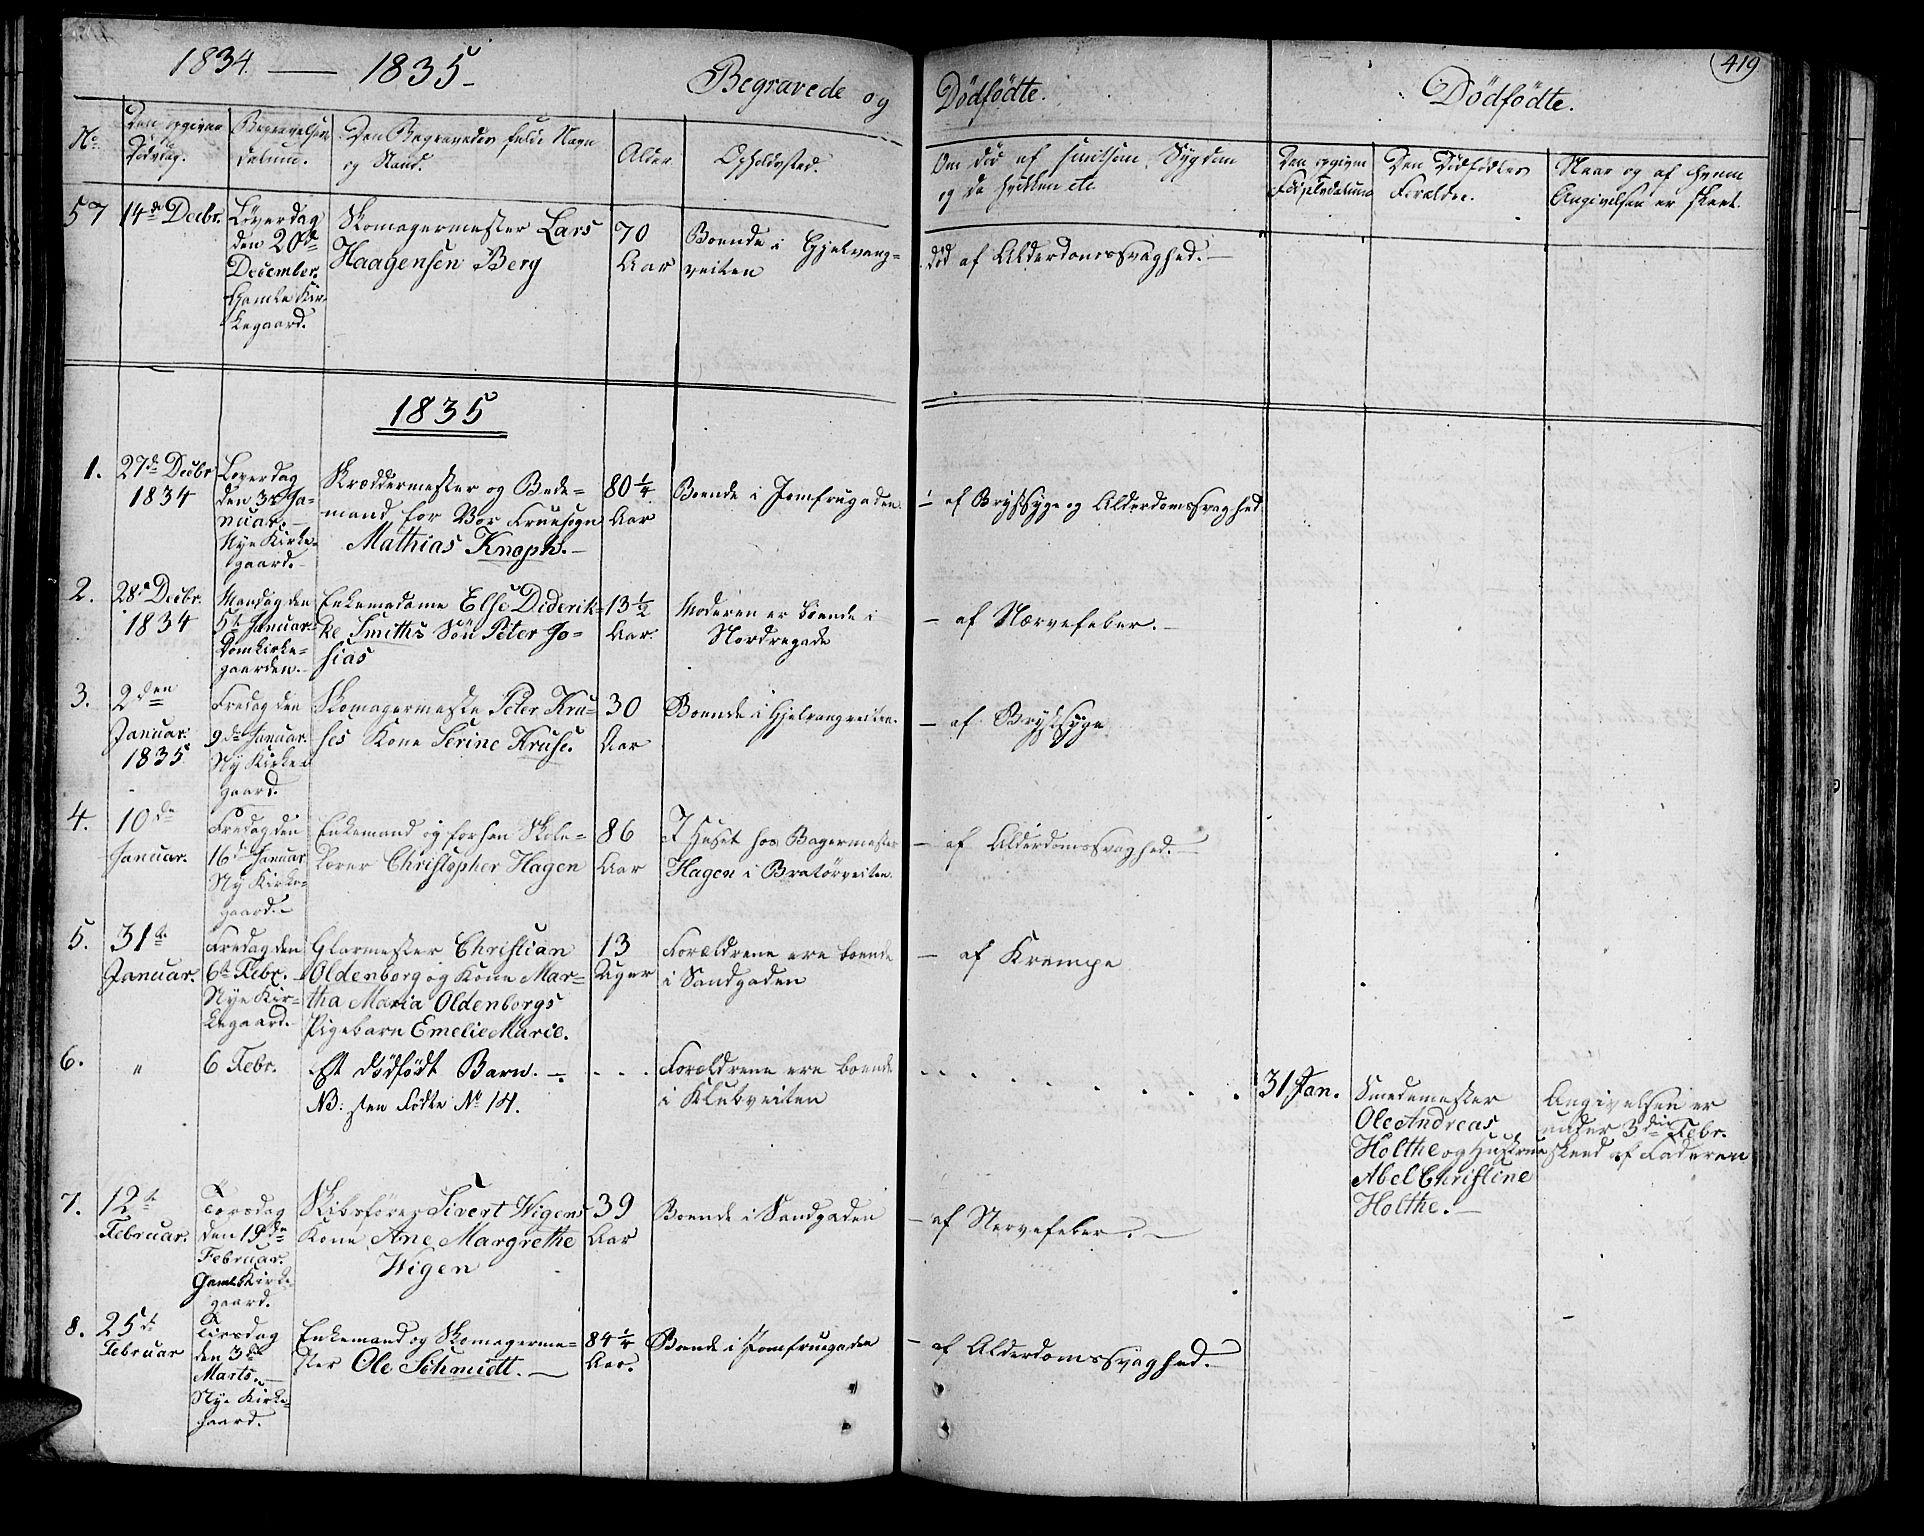 SAT, Ministerialprotokoller, klokkerbøker og fødselsregistre - Sør-Trøndelag, 602/L0109: Ministerialbok nr. 602A07, 1821-1840, s. 419